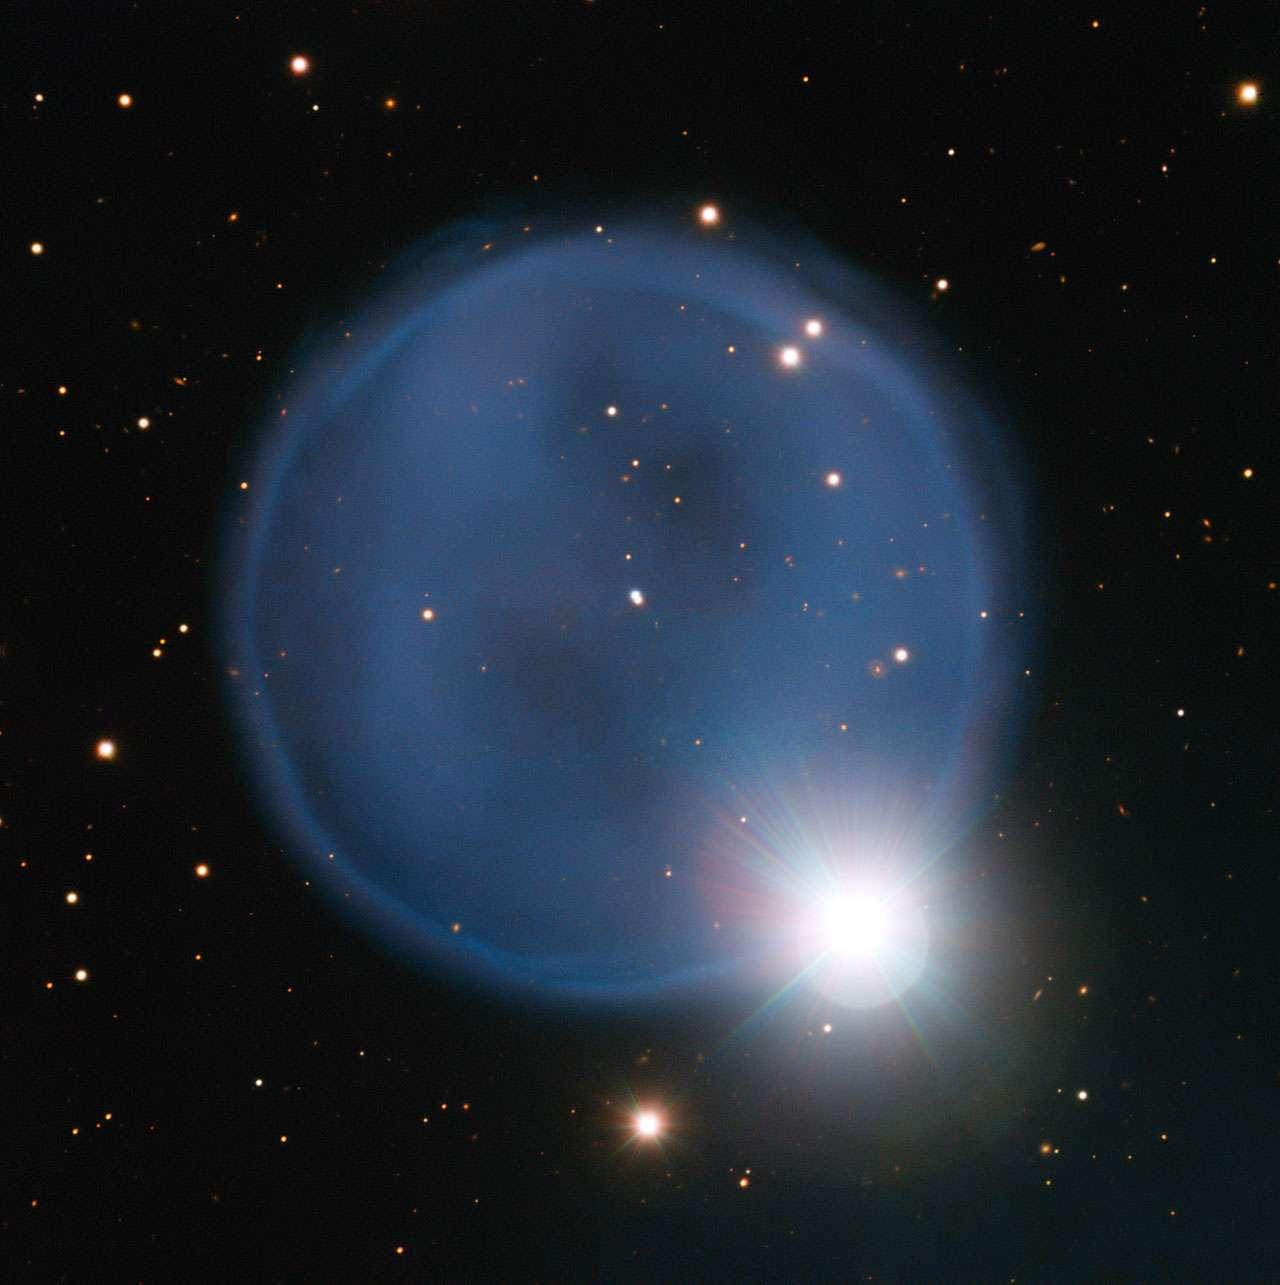 La nébuleuse planétaire Abell 33 observée par le Très Grand Télescope (VLT) de l'ESO. Elle présente une forme sphérique presque parfaite, ce qui est rare, et laisse voir, au centre, l'étoile mourante qui a éjecté sa couronne. Une autre étoile, fortuitement alignée avec la Terre, donne à la nébuleuse l'aspect d'une bague sertie d'un diamant. © ESO